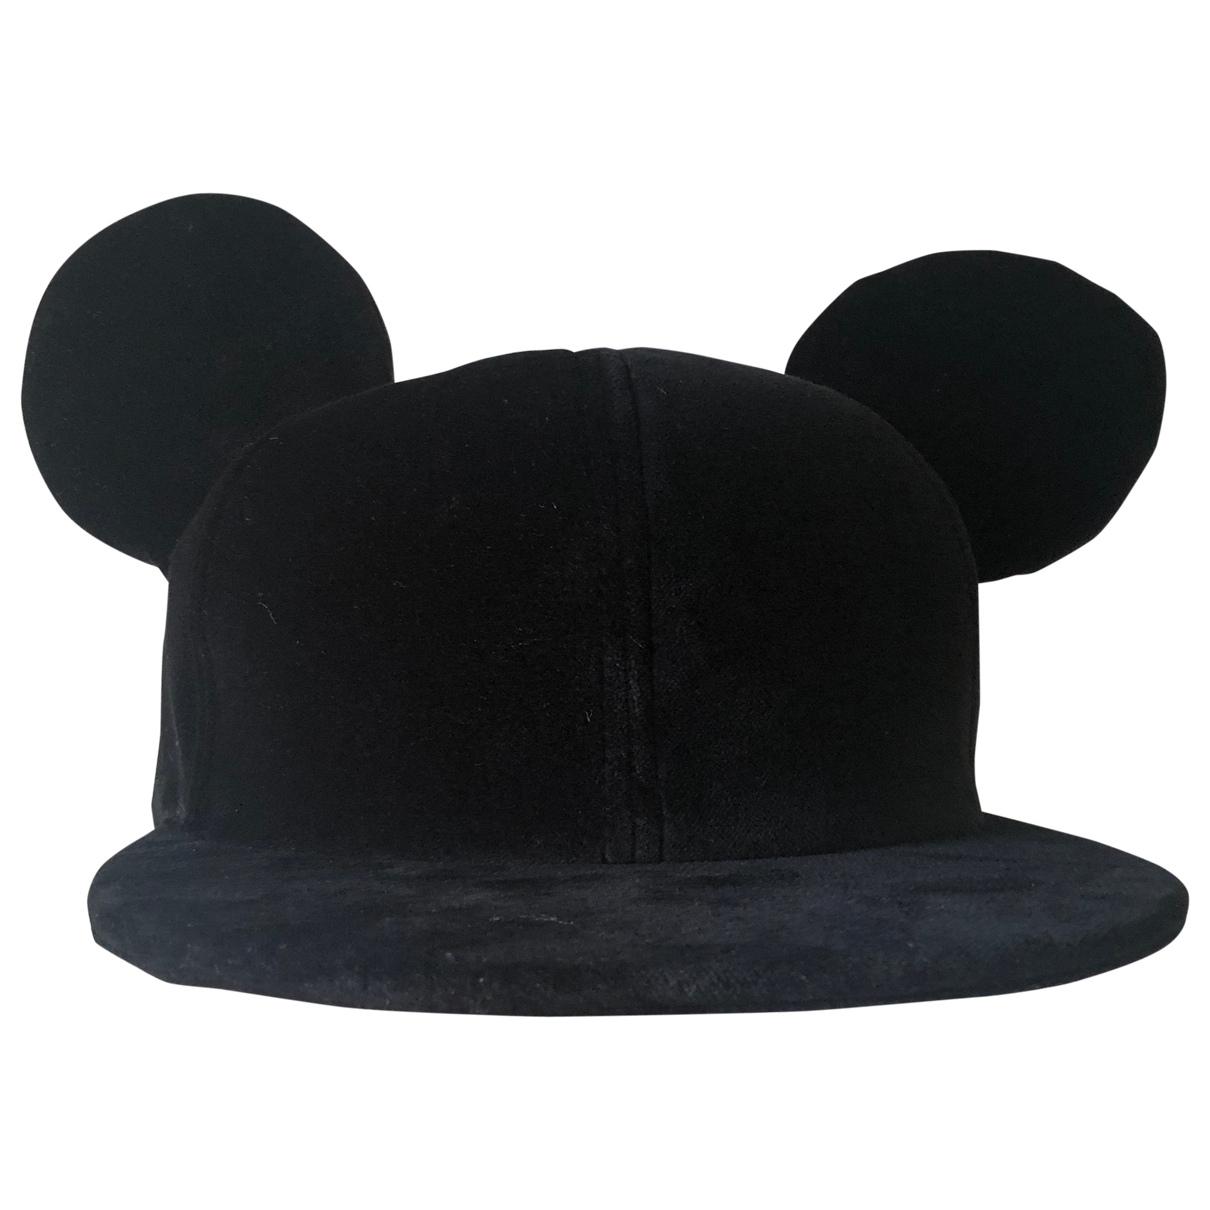 Sombrero Federica Moretti